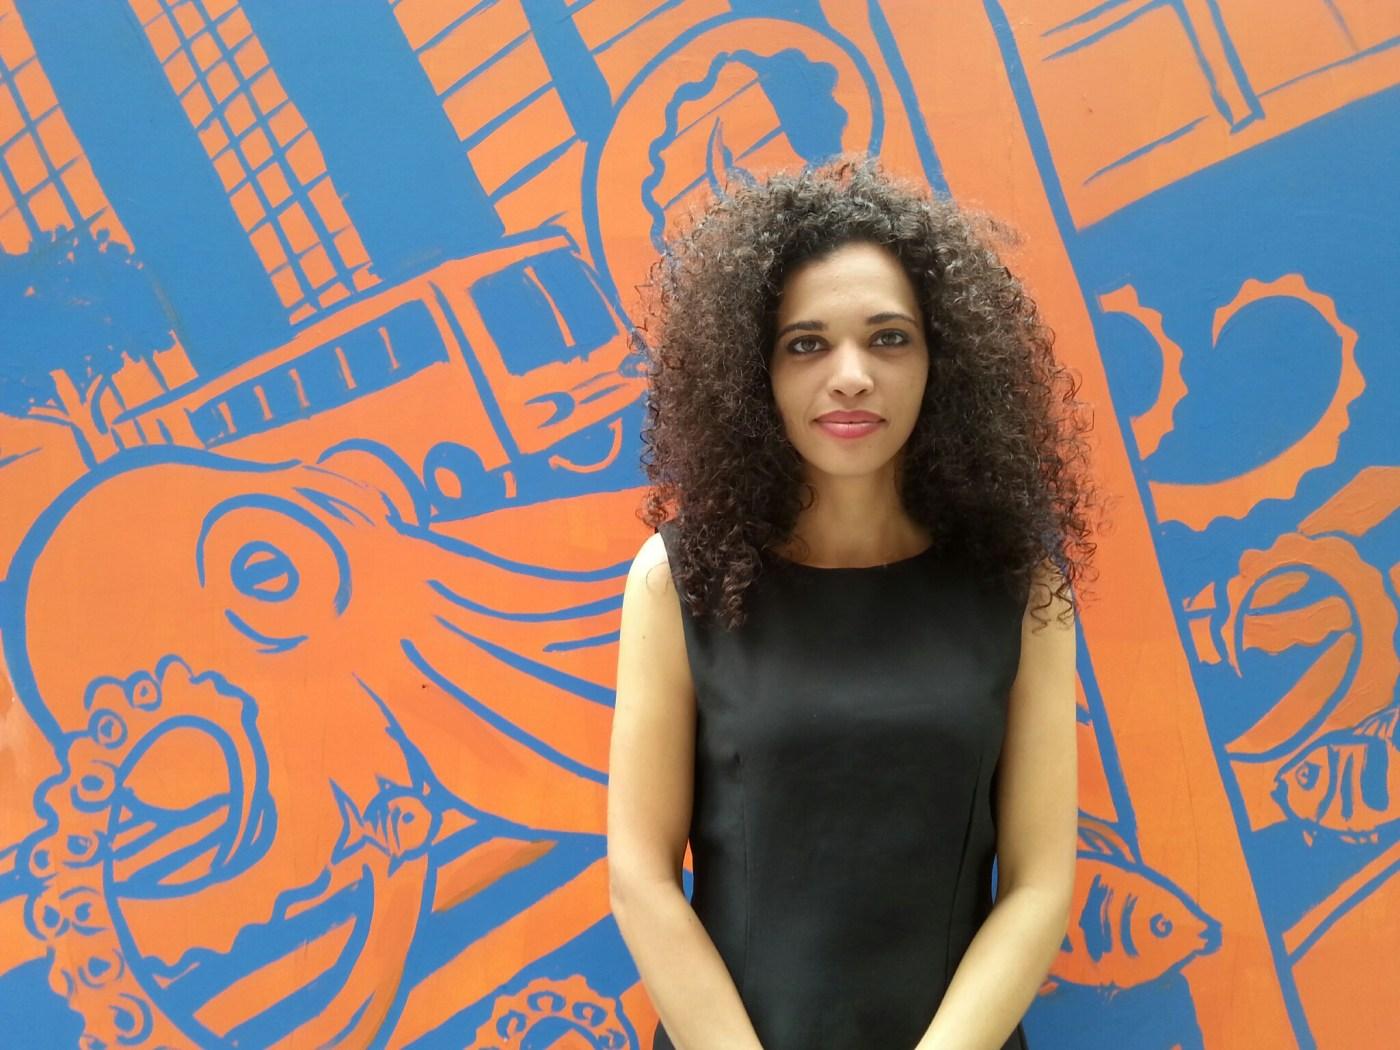 A advogada Camila Vaz estudou a questão judicial em torno das crianças trans no Centro Universitário Central Paulista - Foto: Nana Queiroz